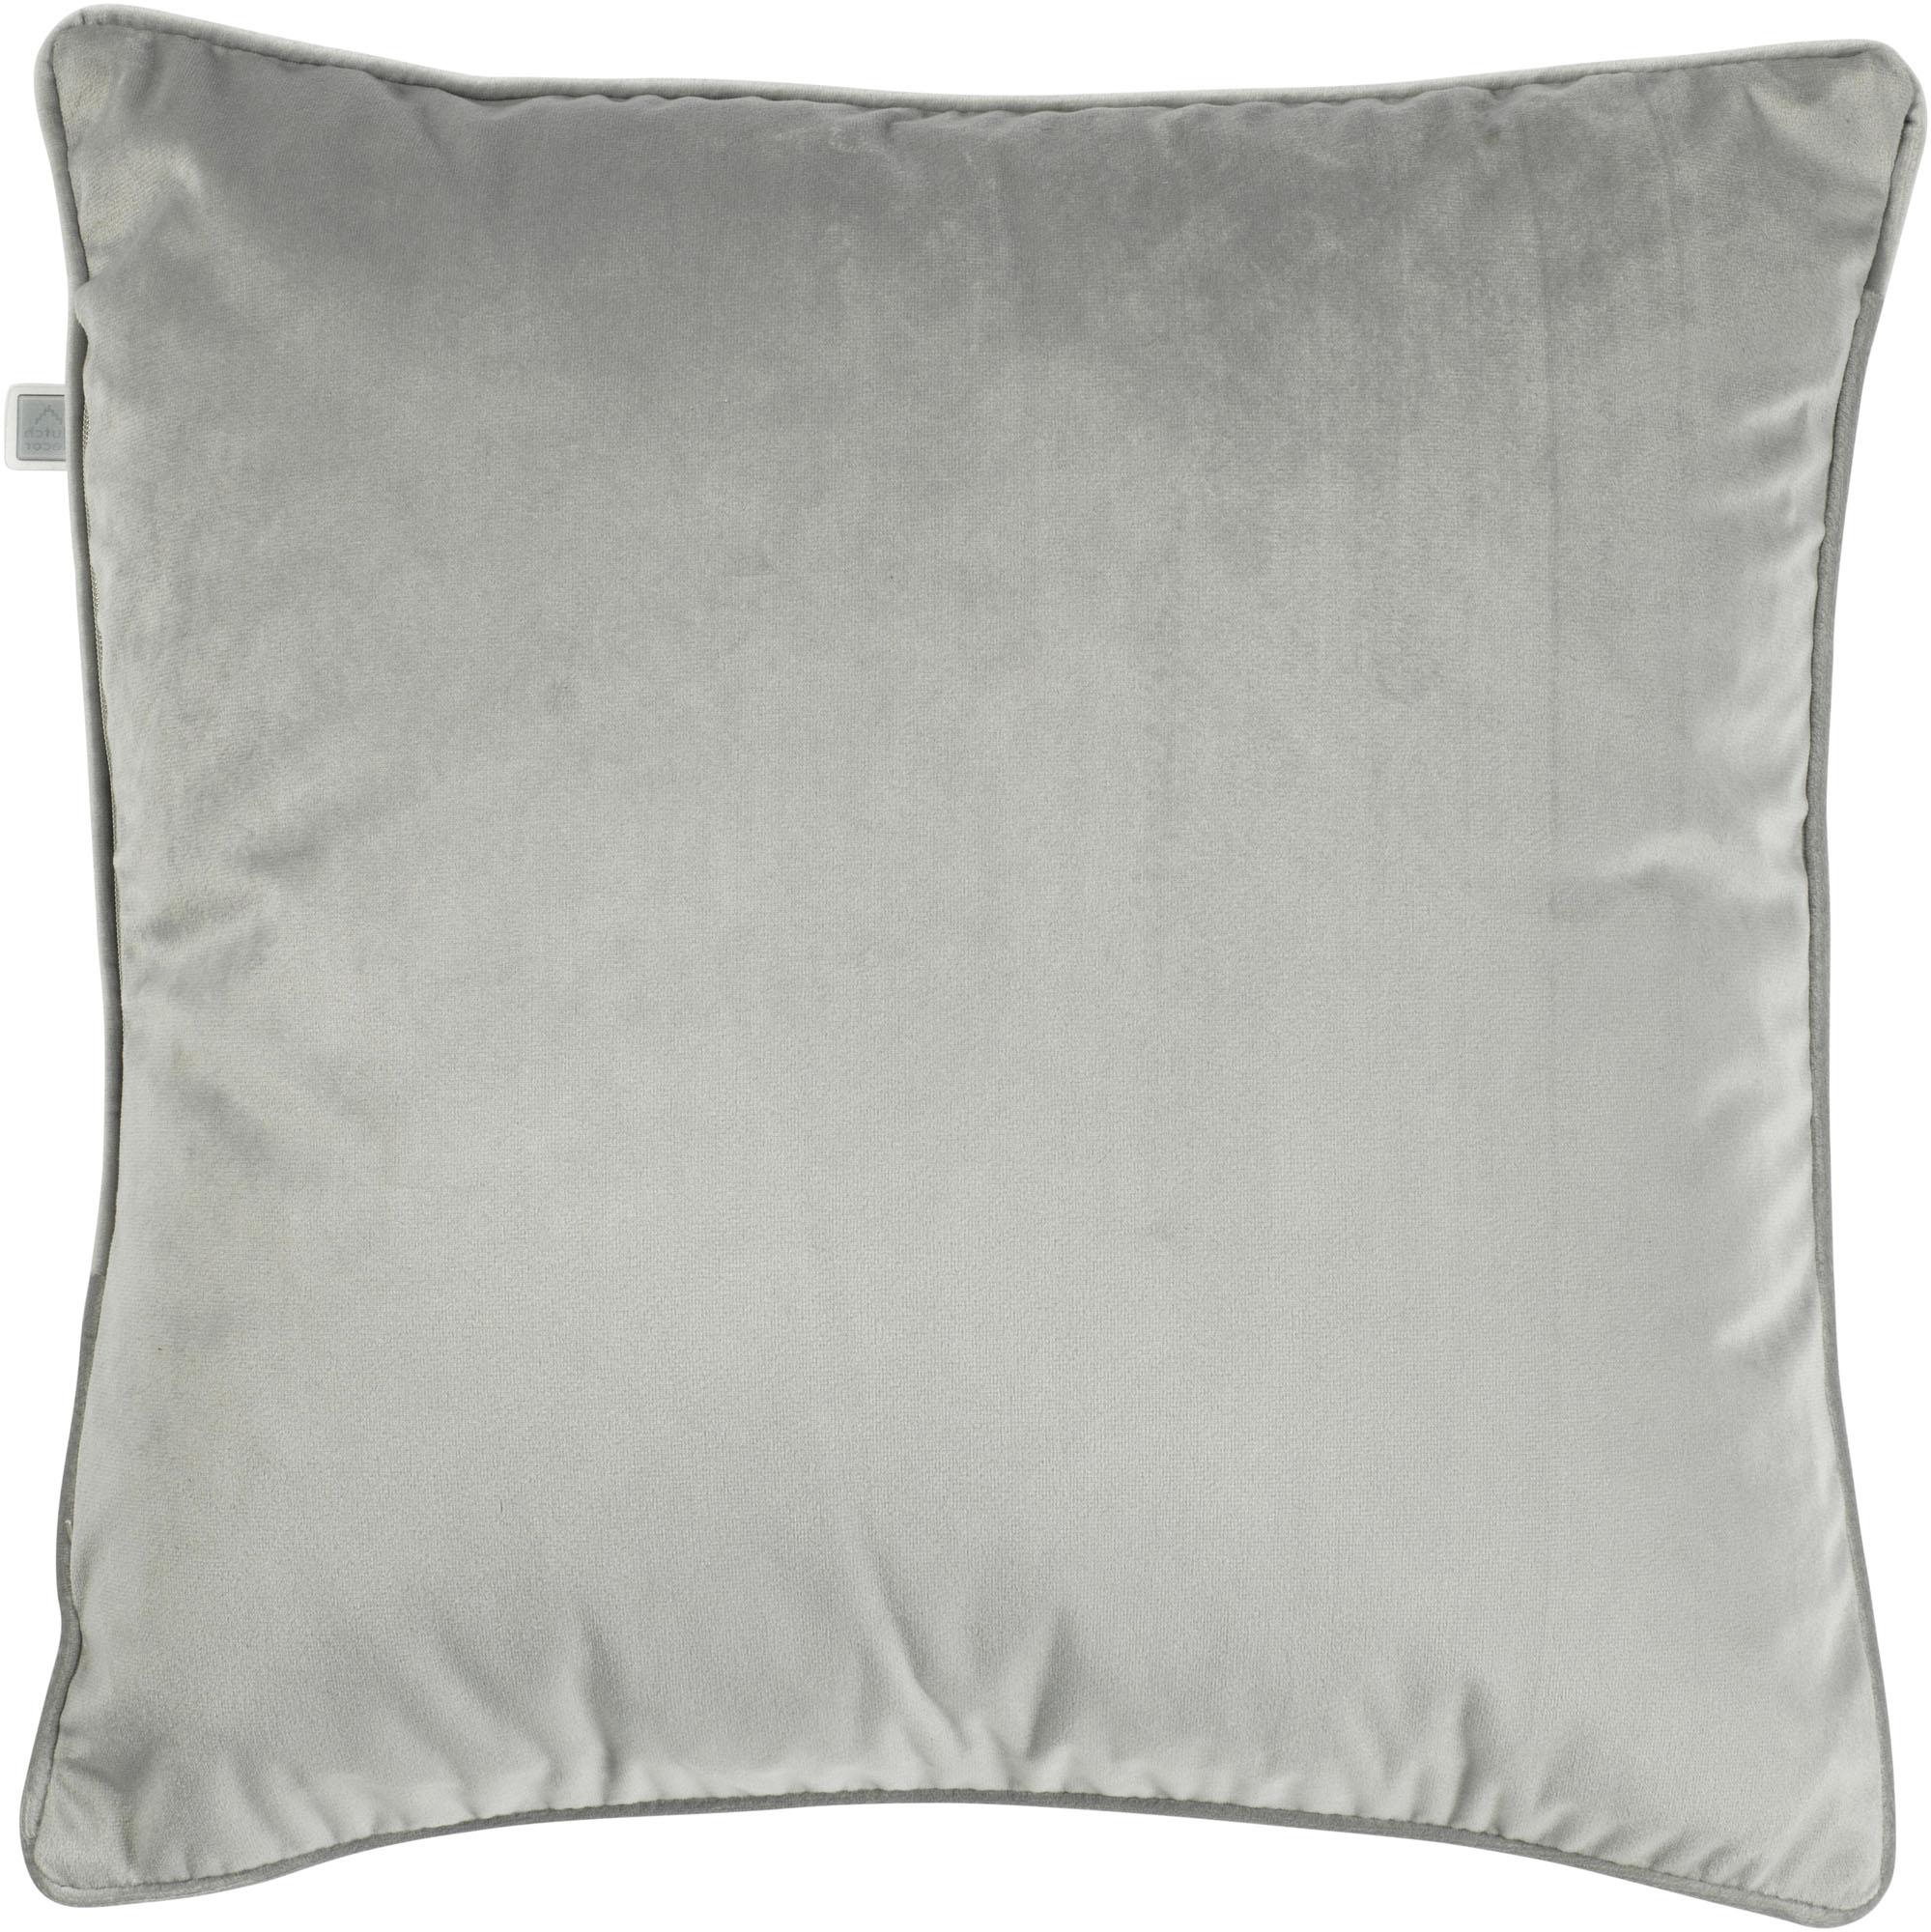 FINN - Sierkussen velvet lichtgrijs 45x45 cm